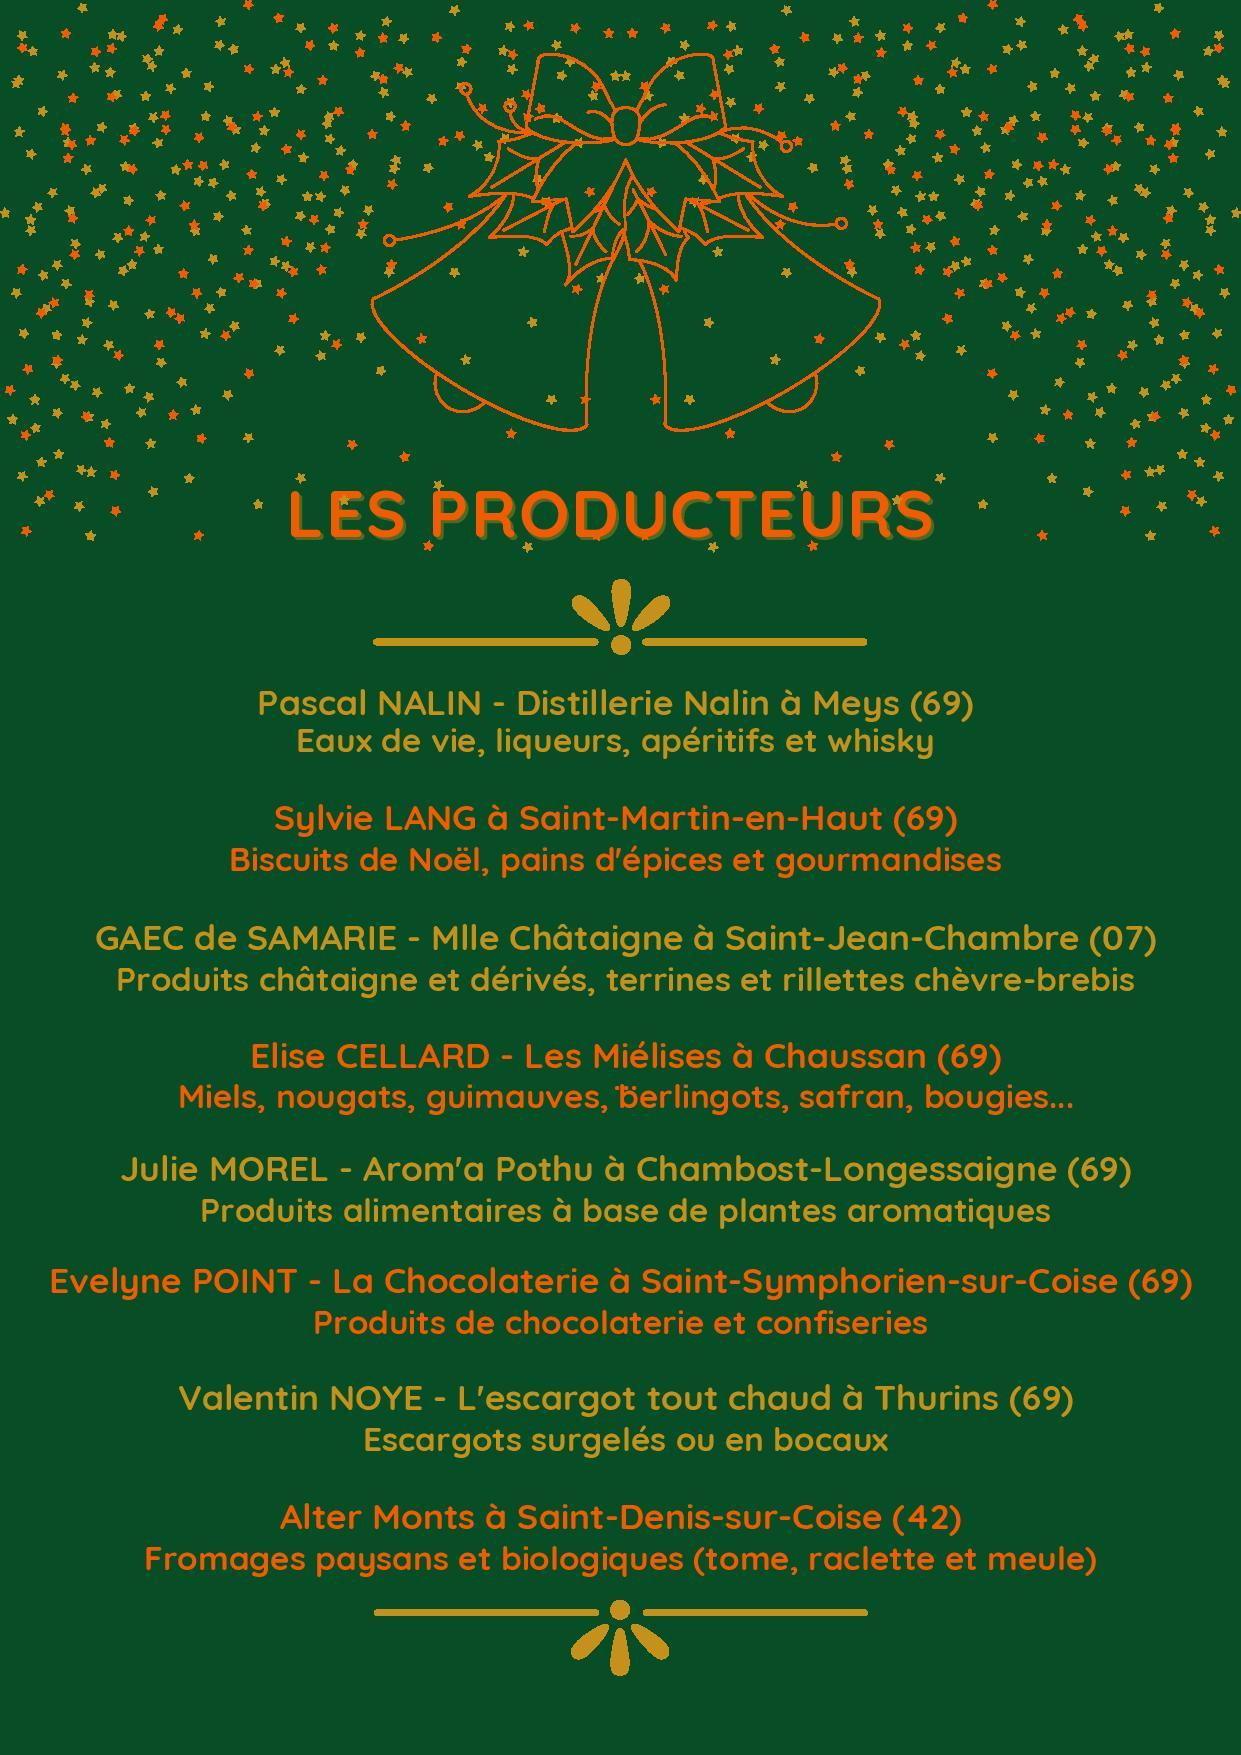 Liste des producteurs qui devaient être présents au Marché de Noël 2020